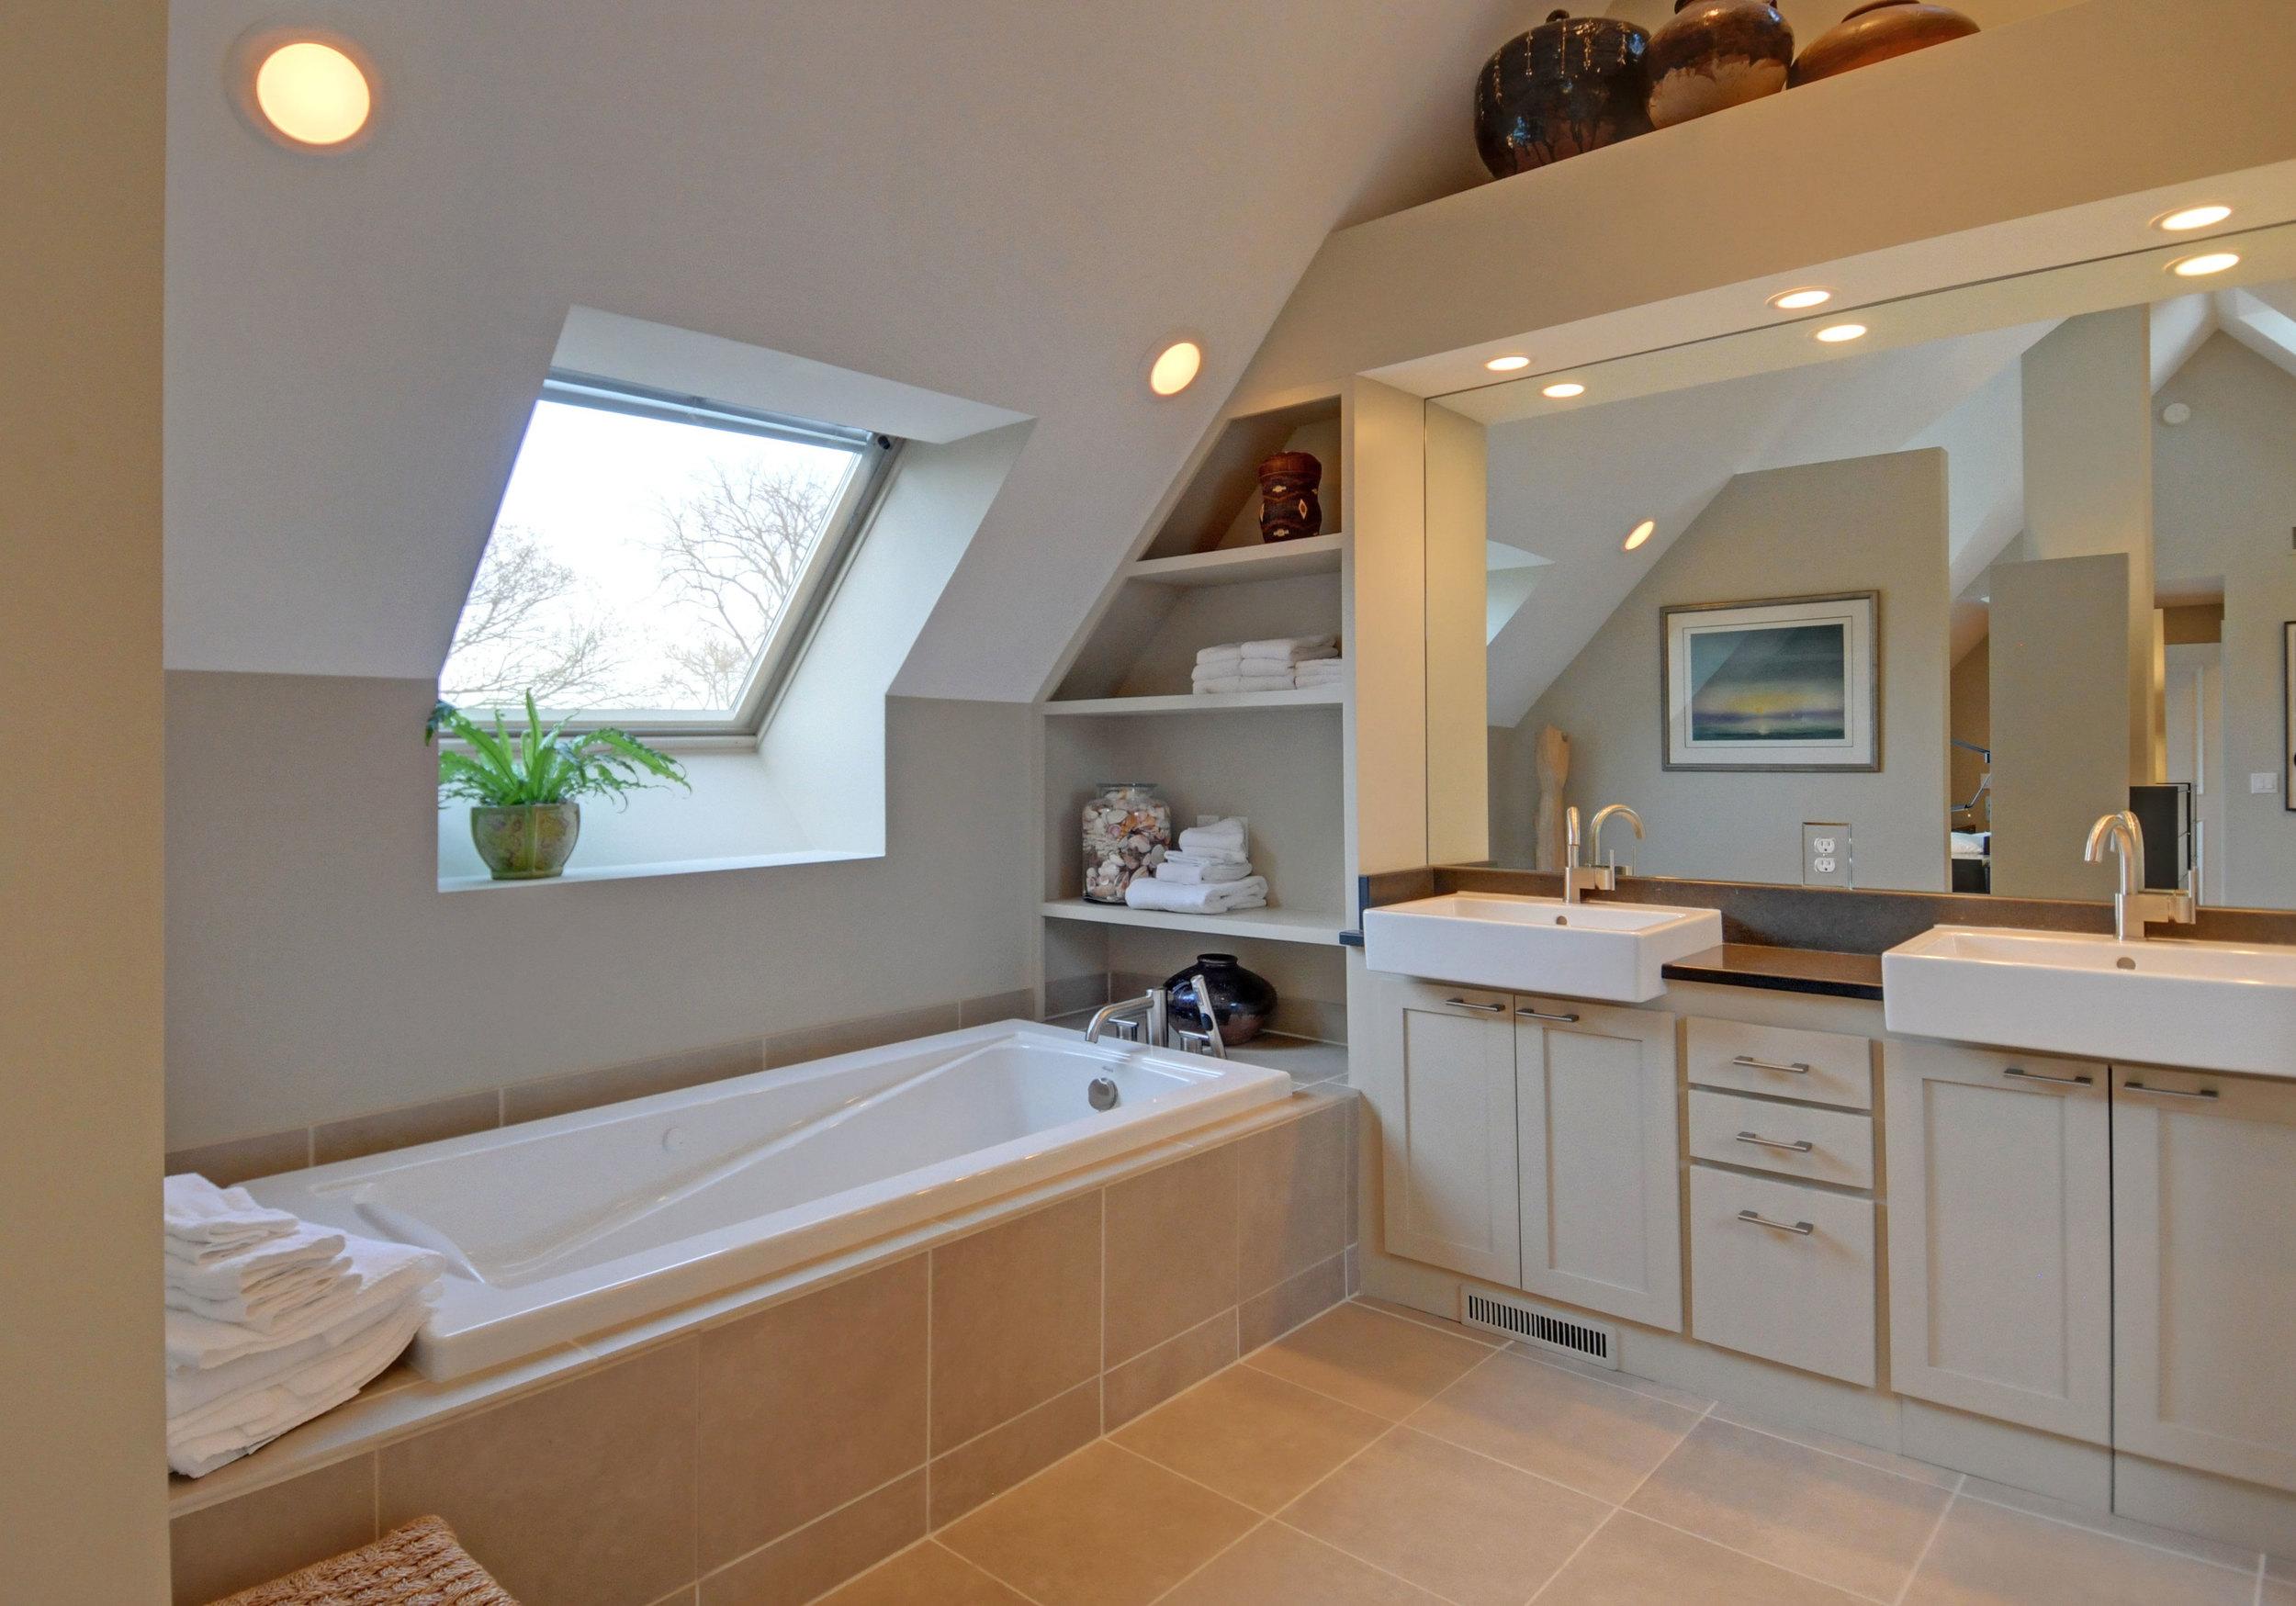 9 3738-master-bath.jpg